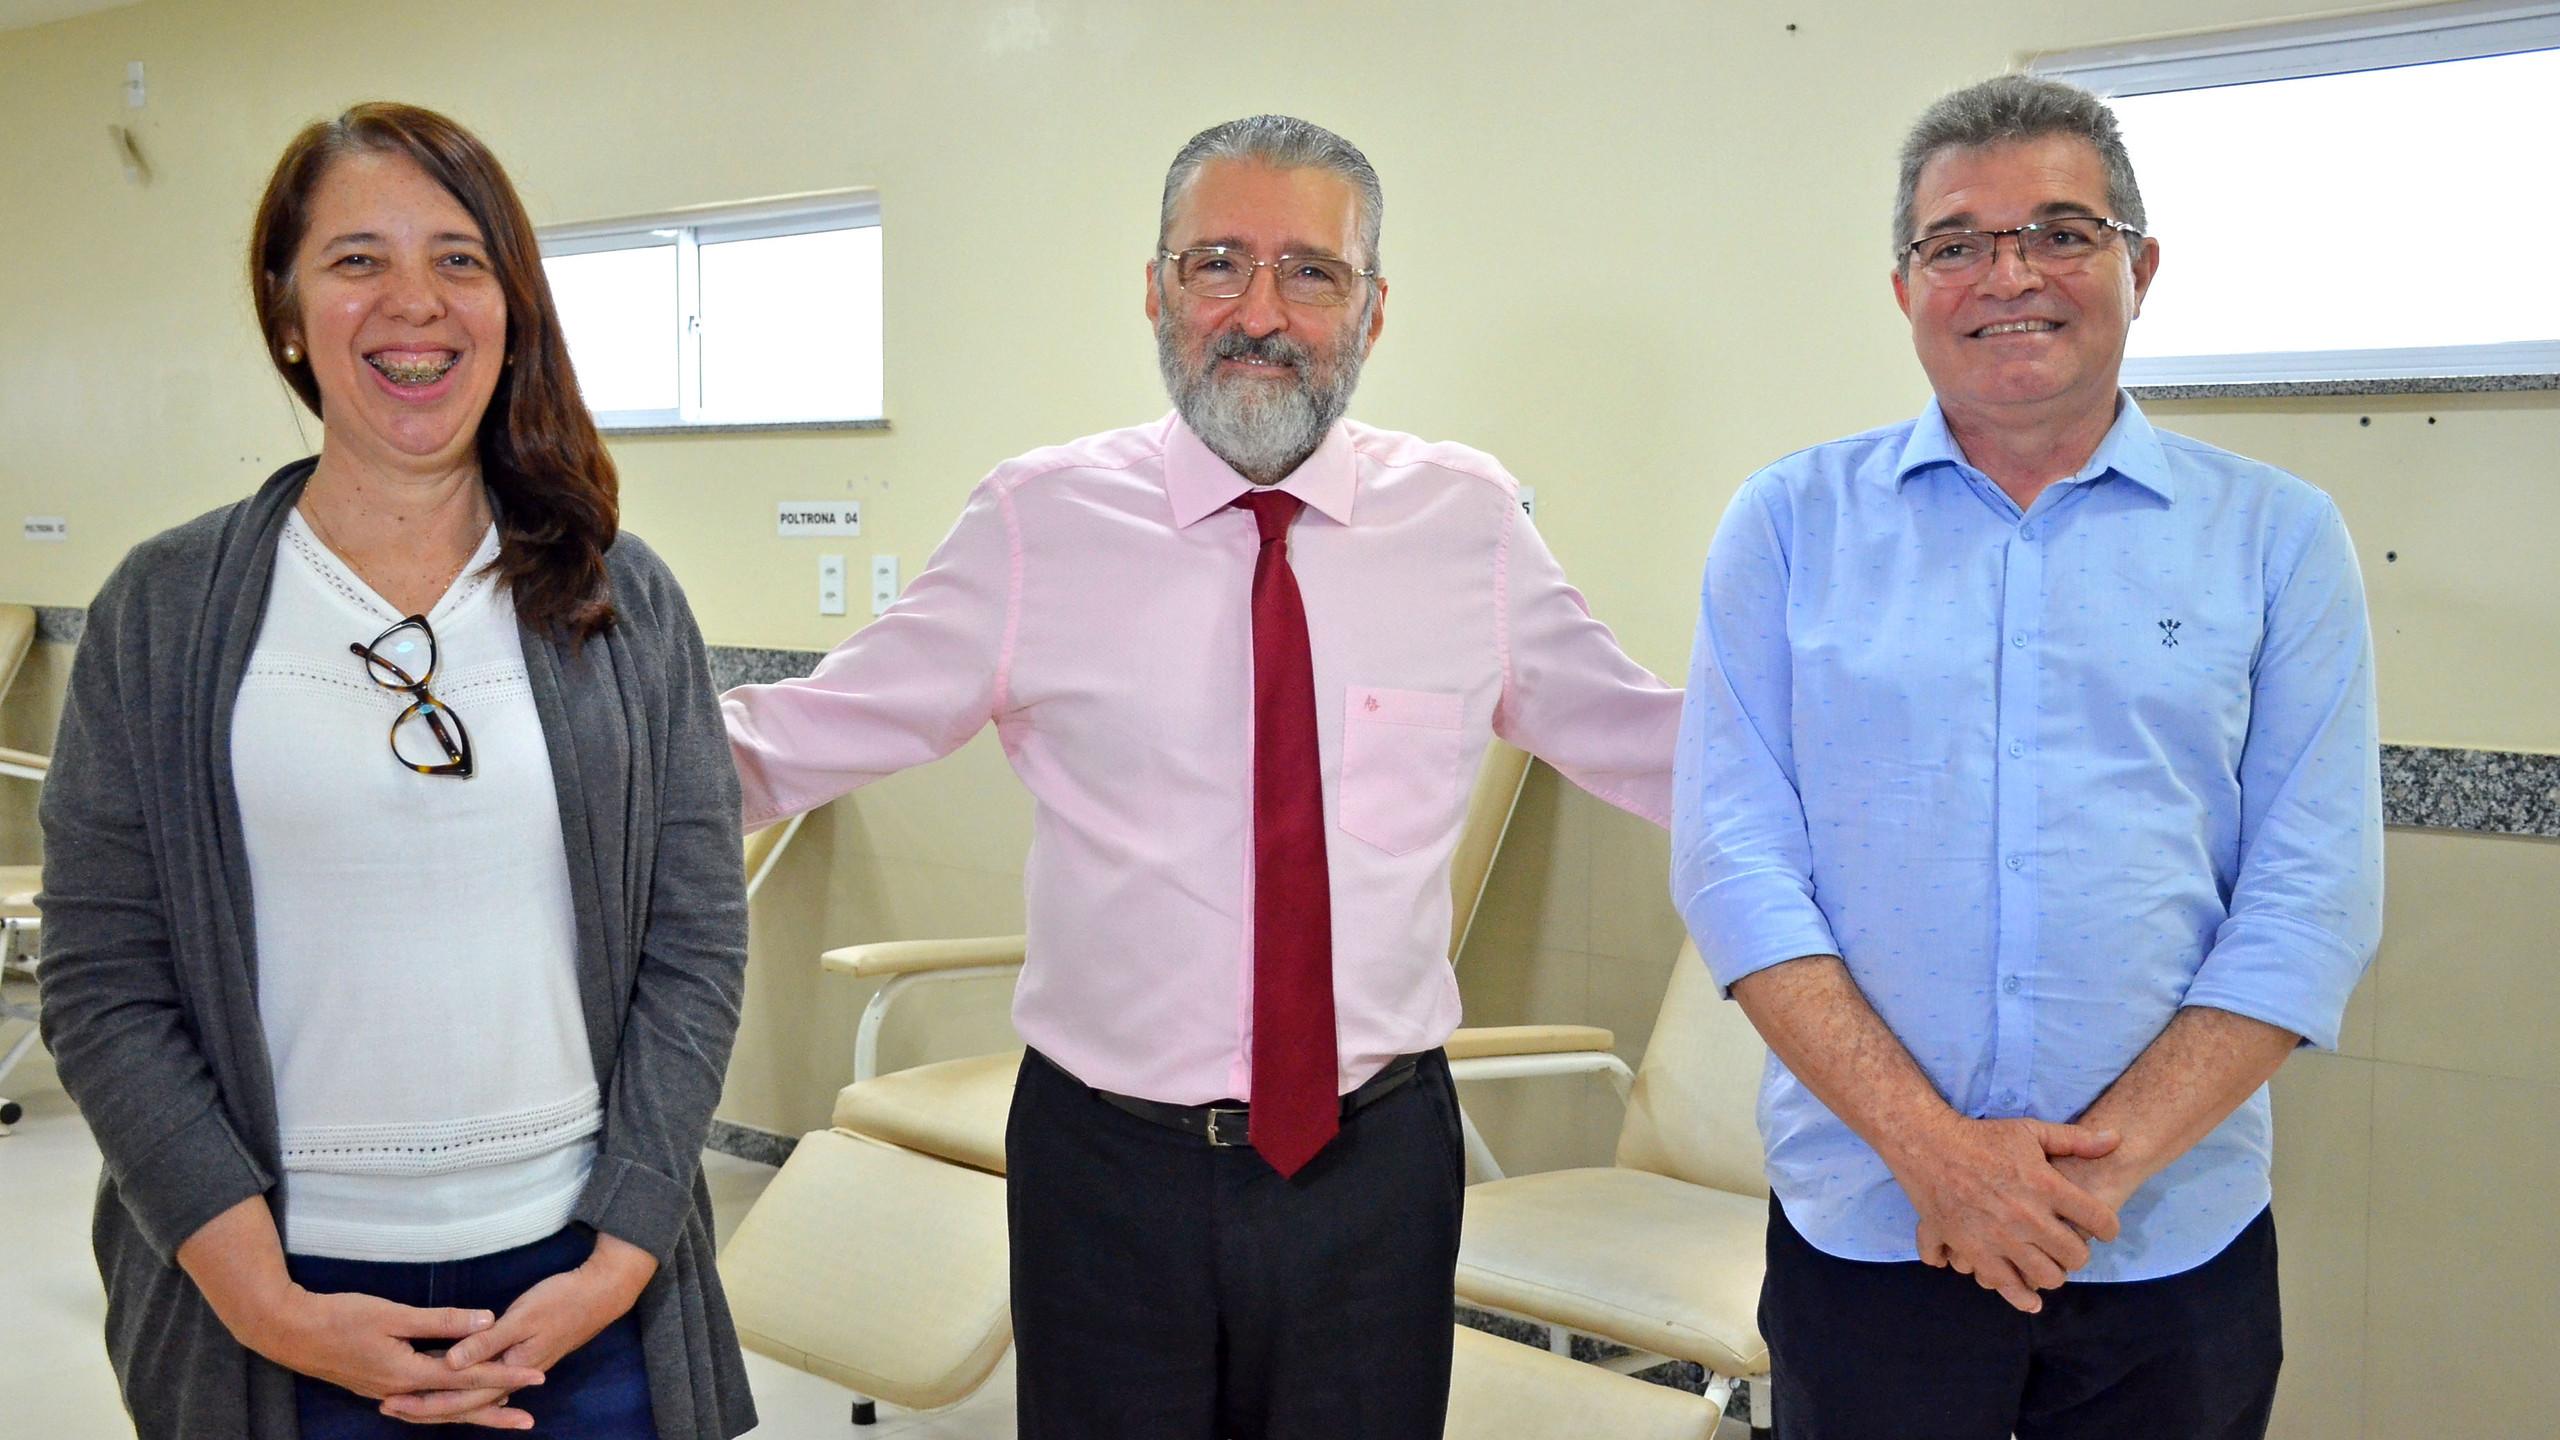 A Secretária Flávia Alexandrina (SEGEP) com o Dir. geral do HSLZ Plínio Tuzzolo e o Sub-Secretário21Adilon Arruda Leda Filho.